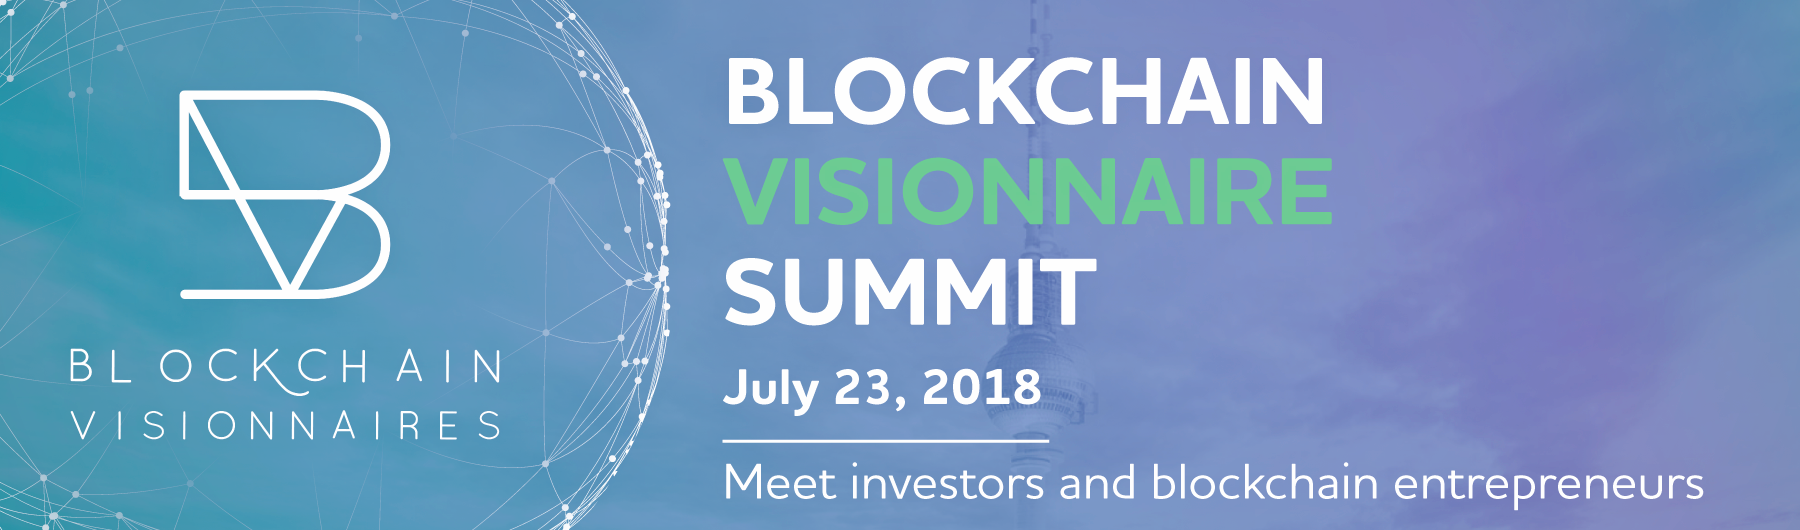 Blockchain Visionnaire Summit